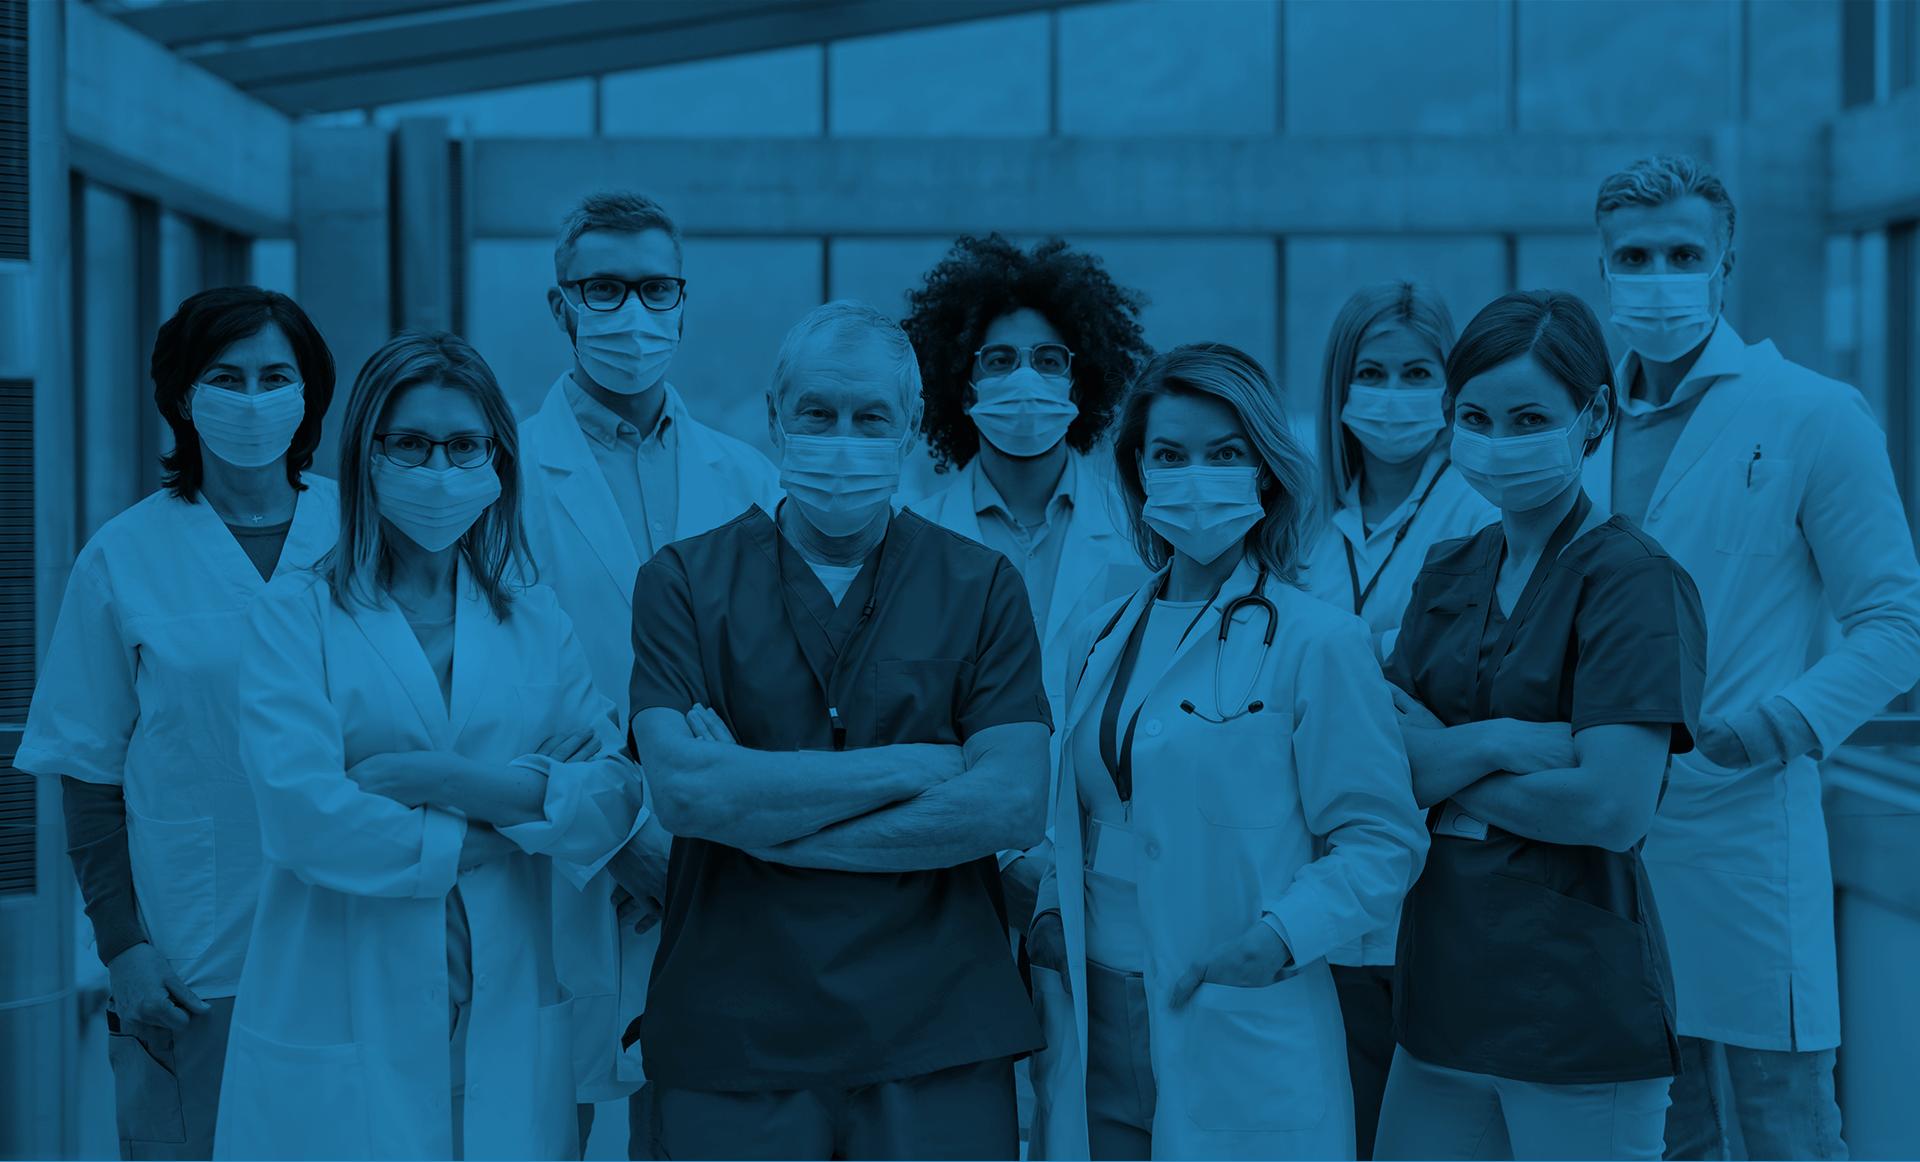 Merci au personnel de la santé qui travaille pendant la pandémie de coronavirus.